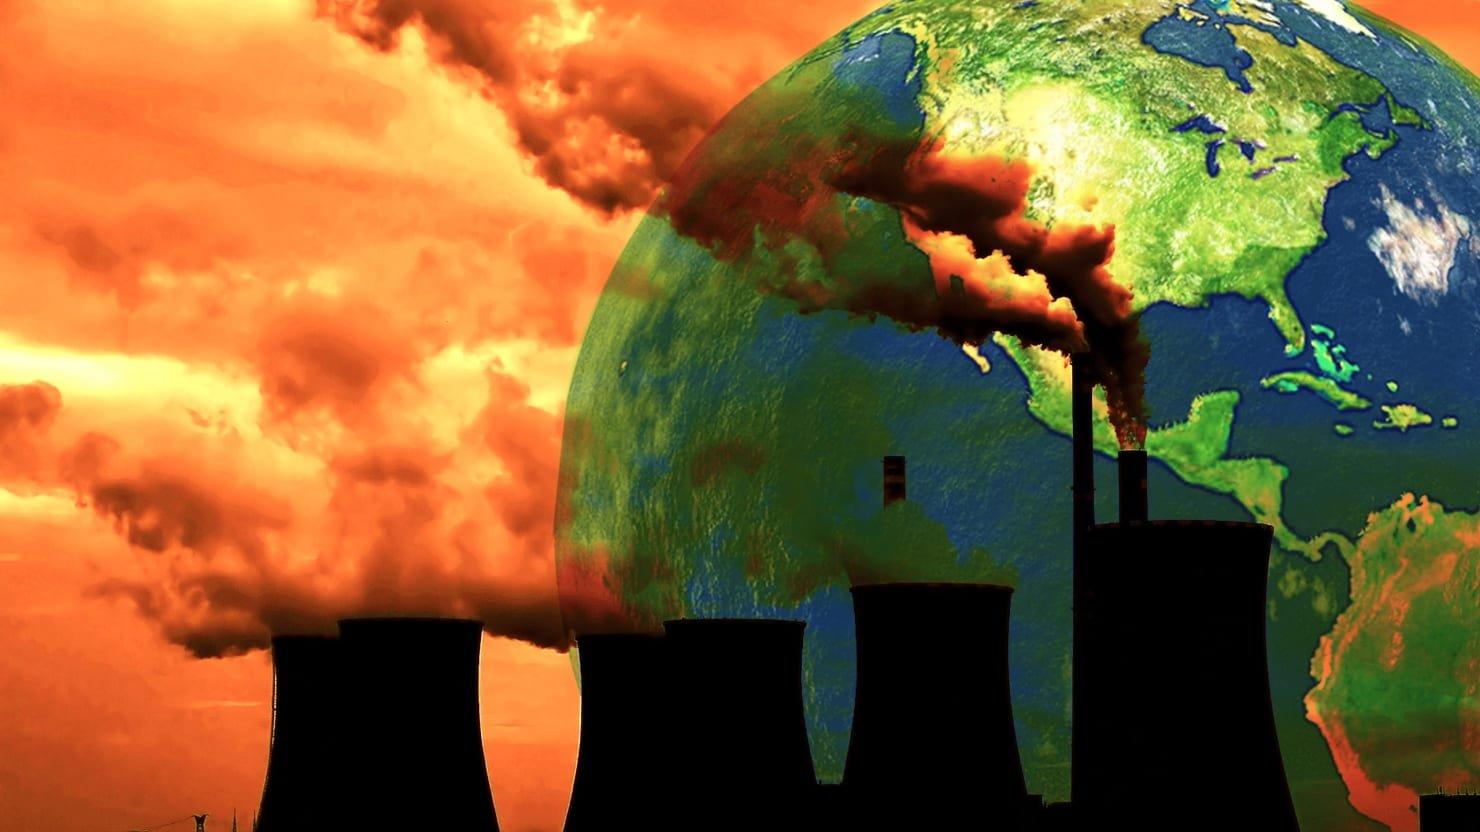 Глобальная экологическая проблема в картинках